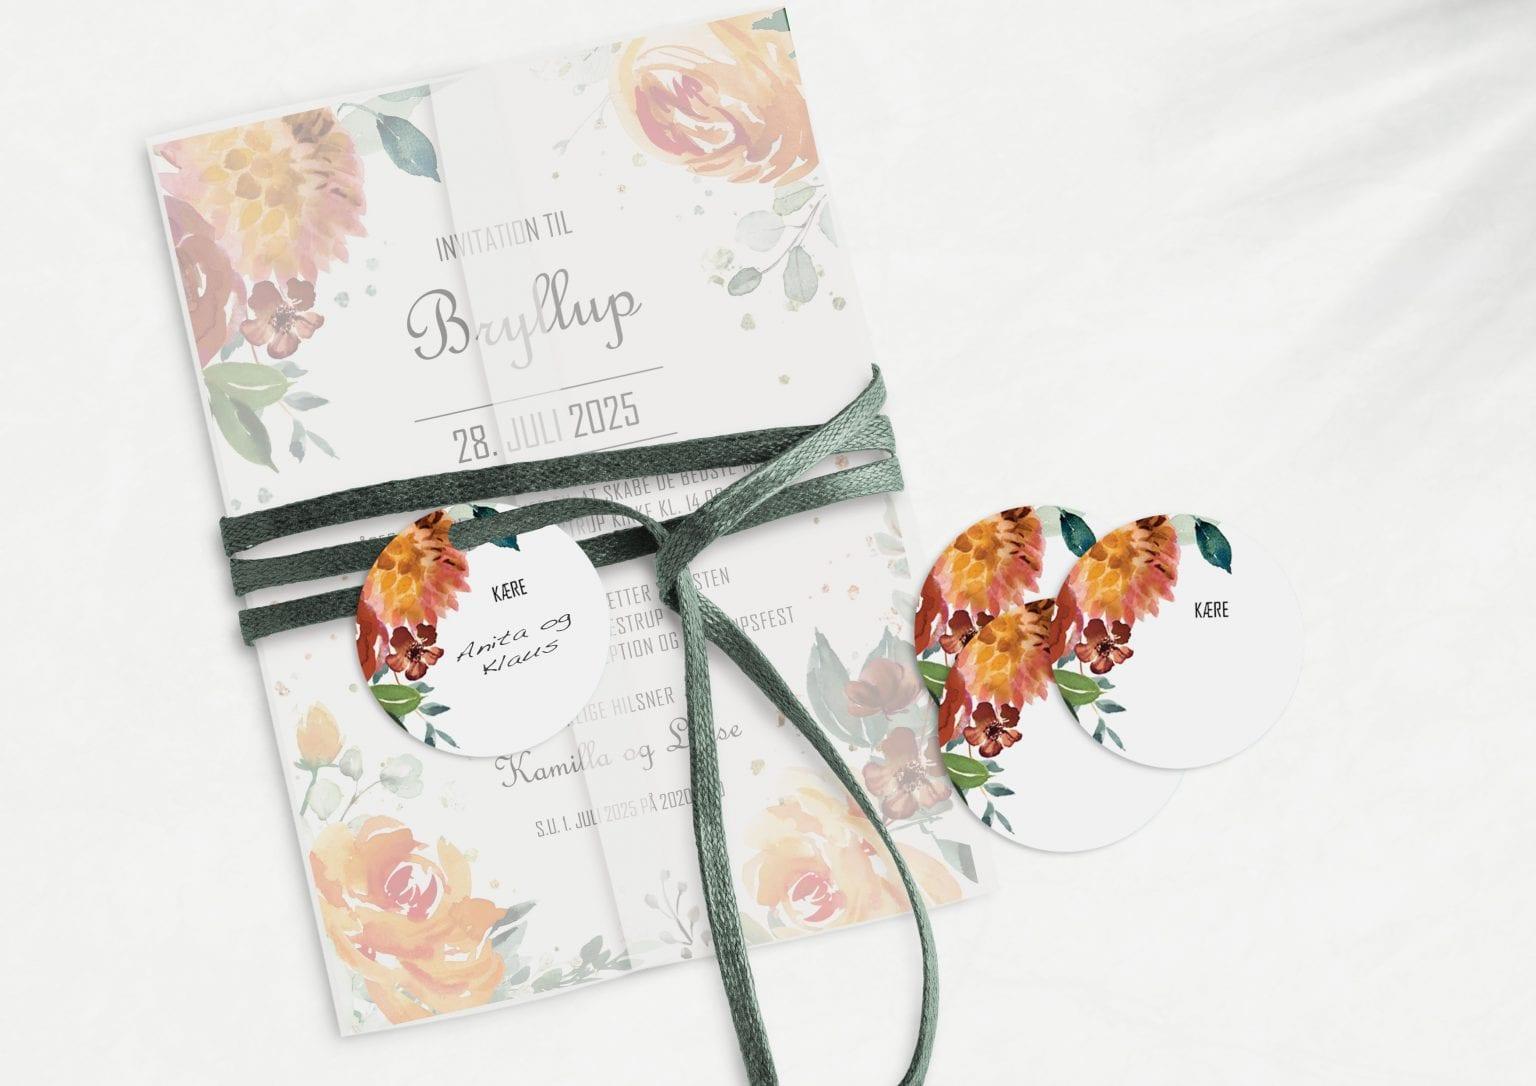 Golden Bouquet, manillamærke, bryllup